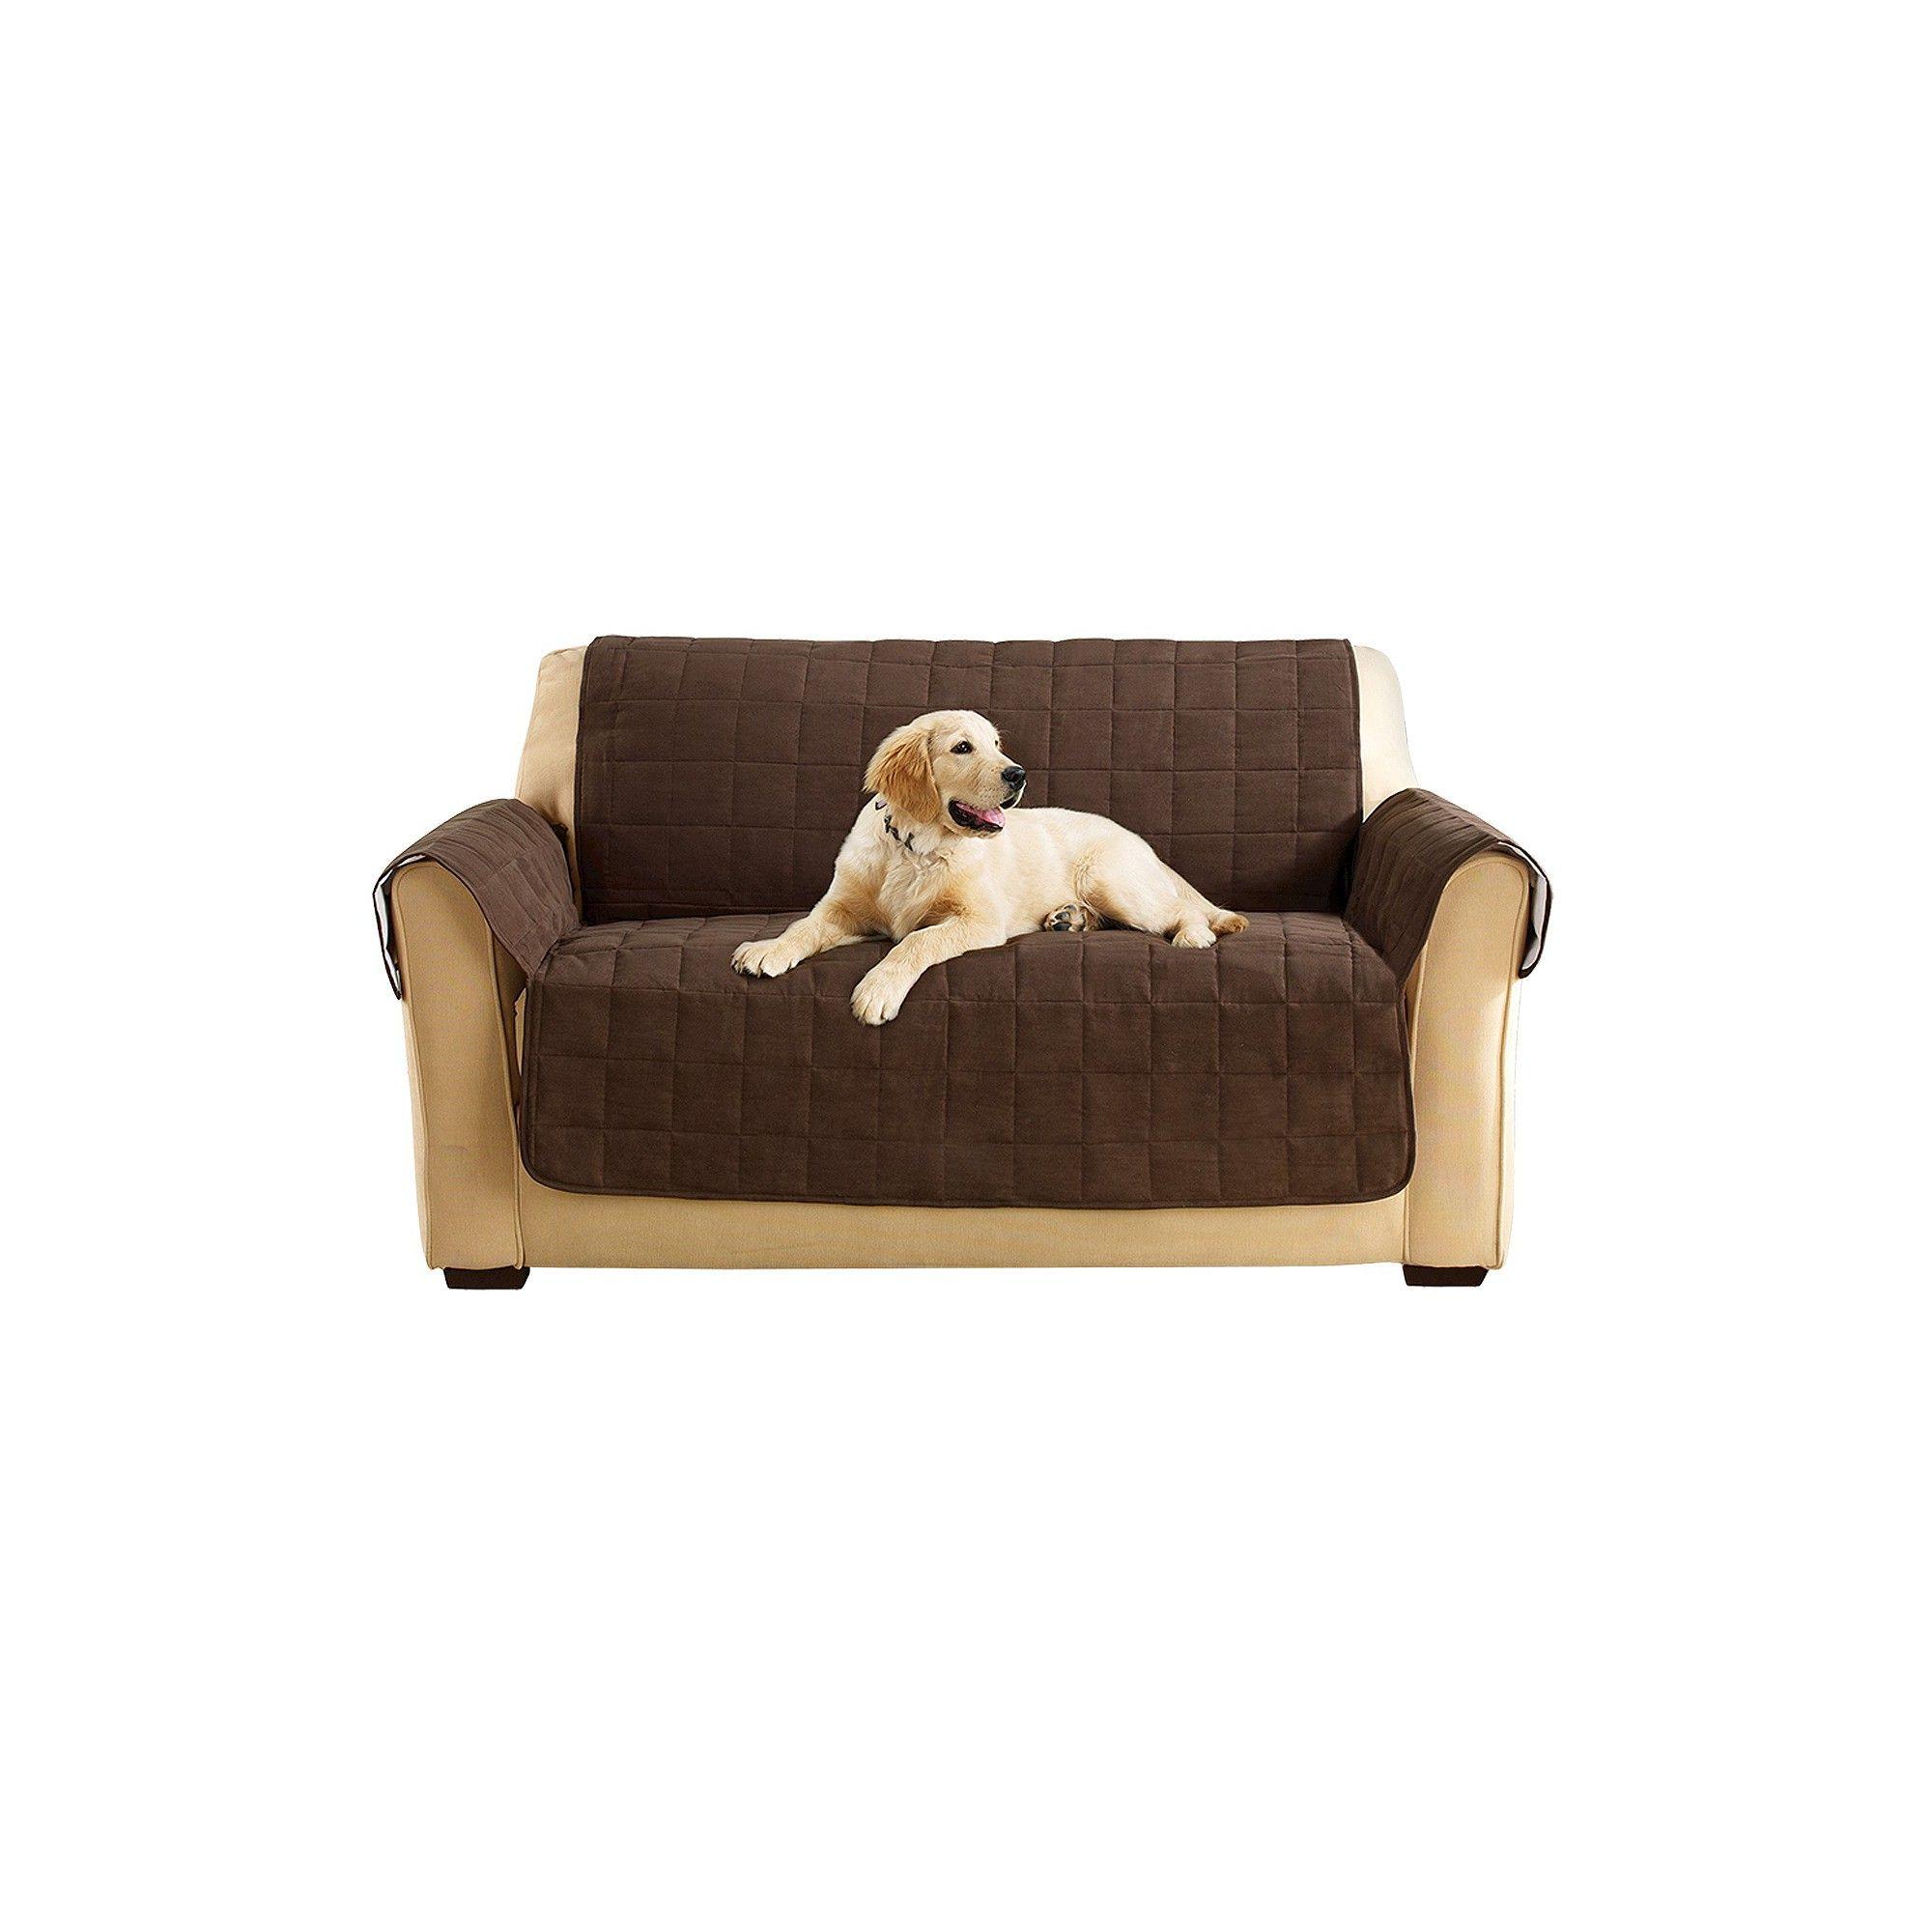 Ultimate Waterproof Suede Loveseat Furniture Cover